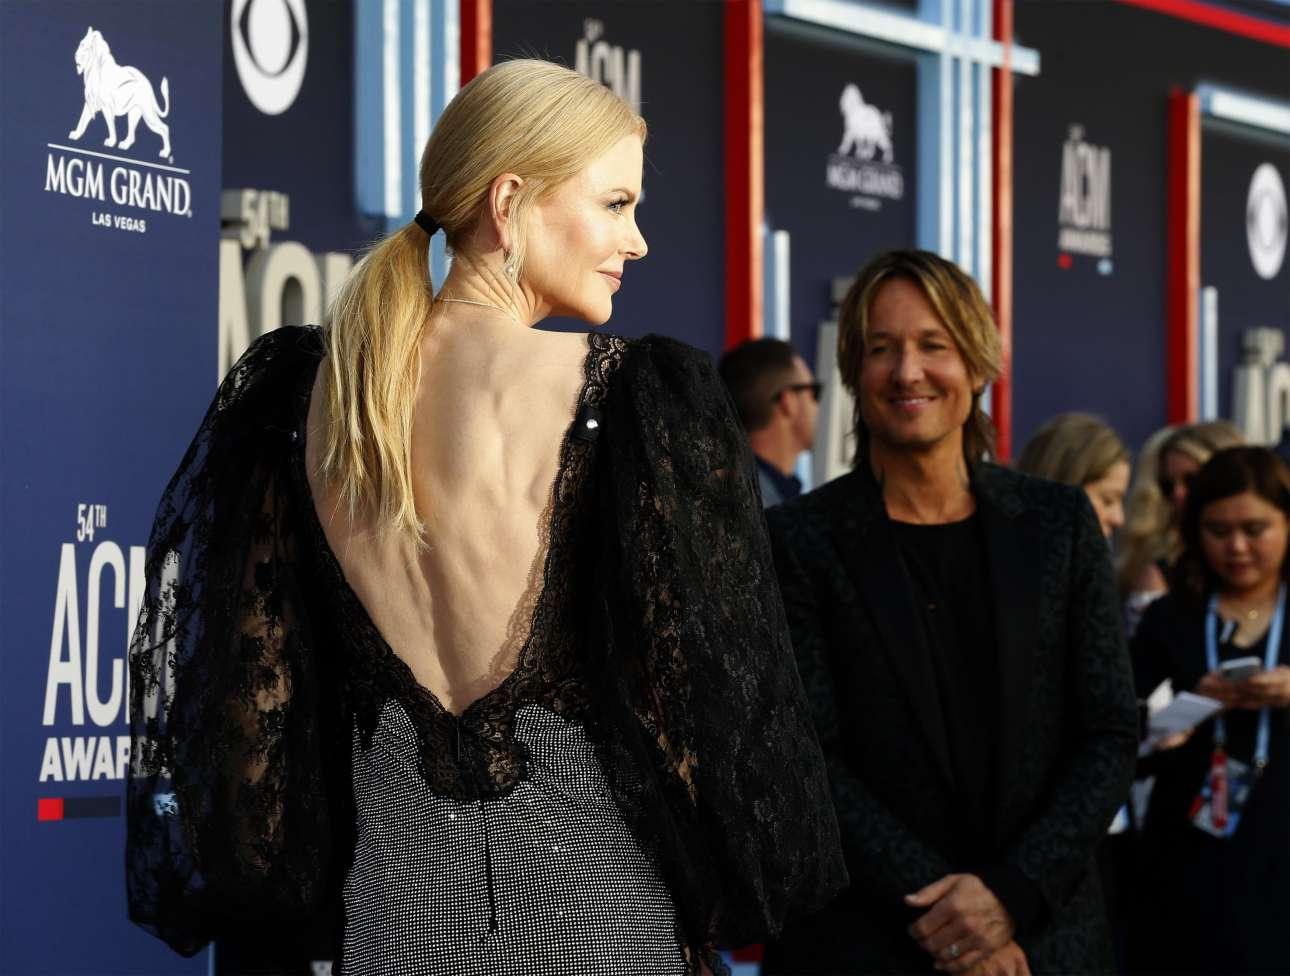 Δευτέρα, 8 Απριλίου, ΗΠΑ. Ο τραγουδιστής της κάντρι Κιθ Ερμπαν κοιτάζει την απαστράπτουσα σύζυγό του, Νικόλ Κίντμαν, κατά την άφιξή τους στα Μουσικά Βραβεία της κάντρι στο Λας Βέγκας